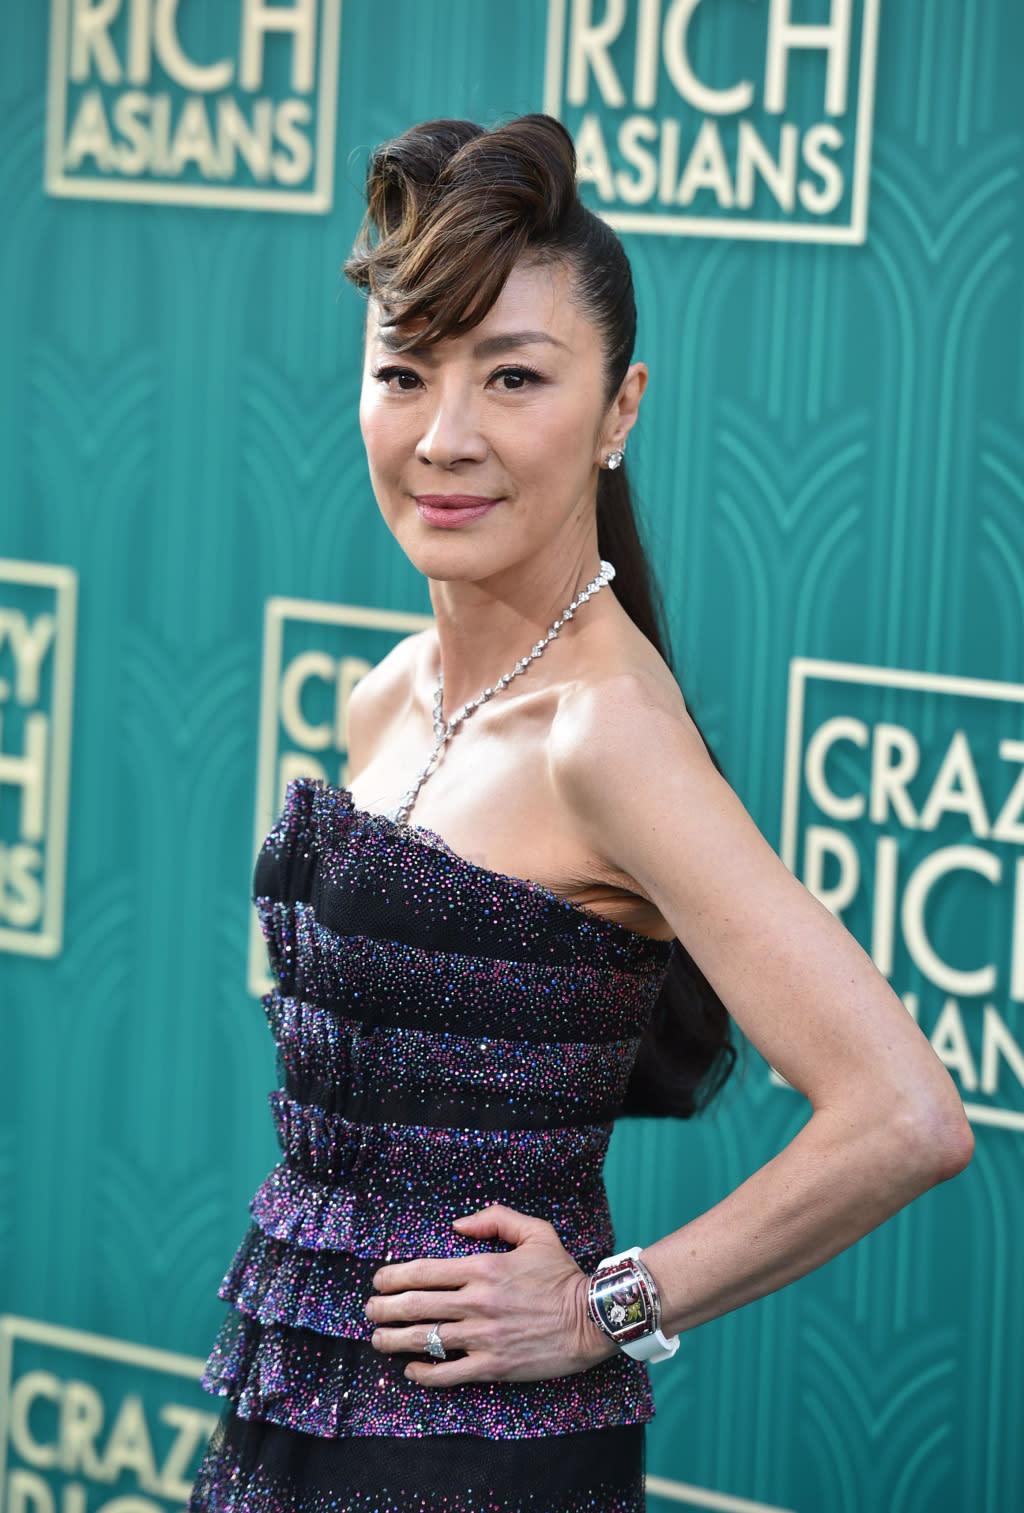 <p>馬來西亞女星楊紫瓊(Michelle Yeoh)在《瘋狂亞洲富豪》中飾演保守、難搞的豪門夫人,重視門當戶對的她非常反對兒子Nick和女友Rachel的戀情。 </p>